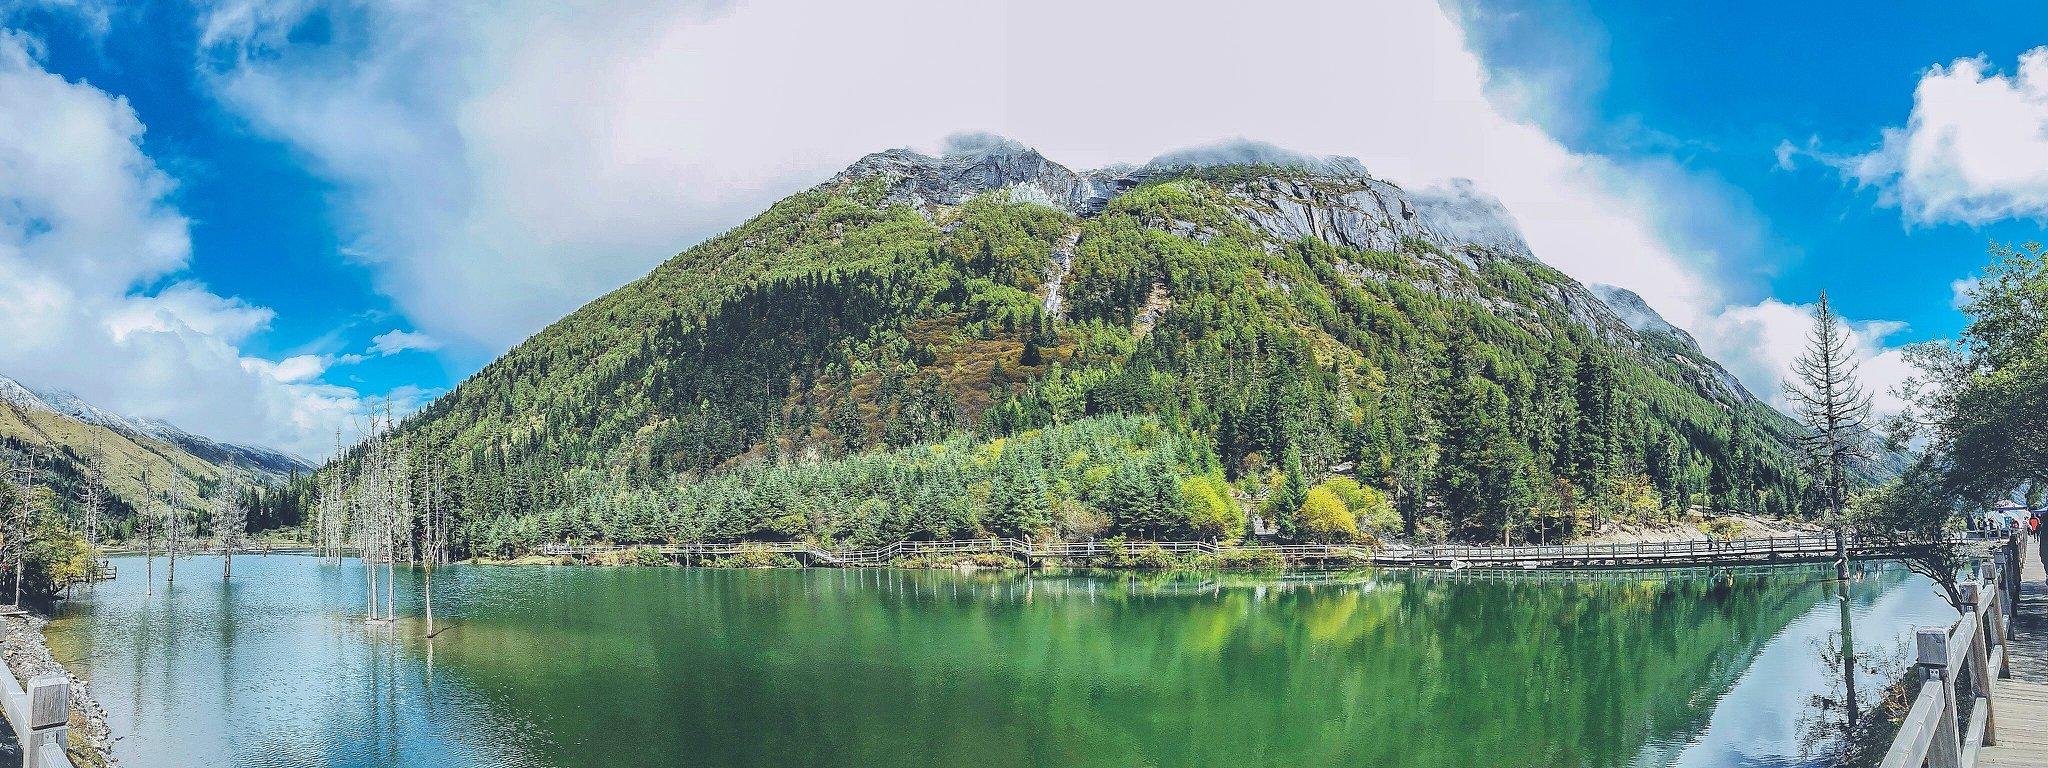 【稻城亚丁】在山的怀里,在湖的眼里。(醉美川西秋日巡礼)